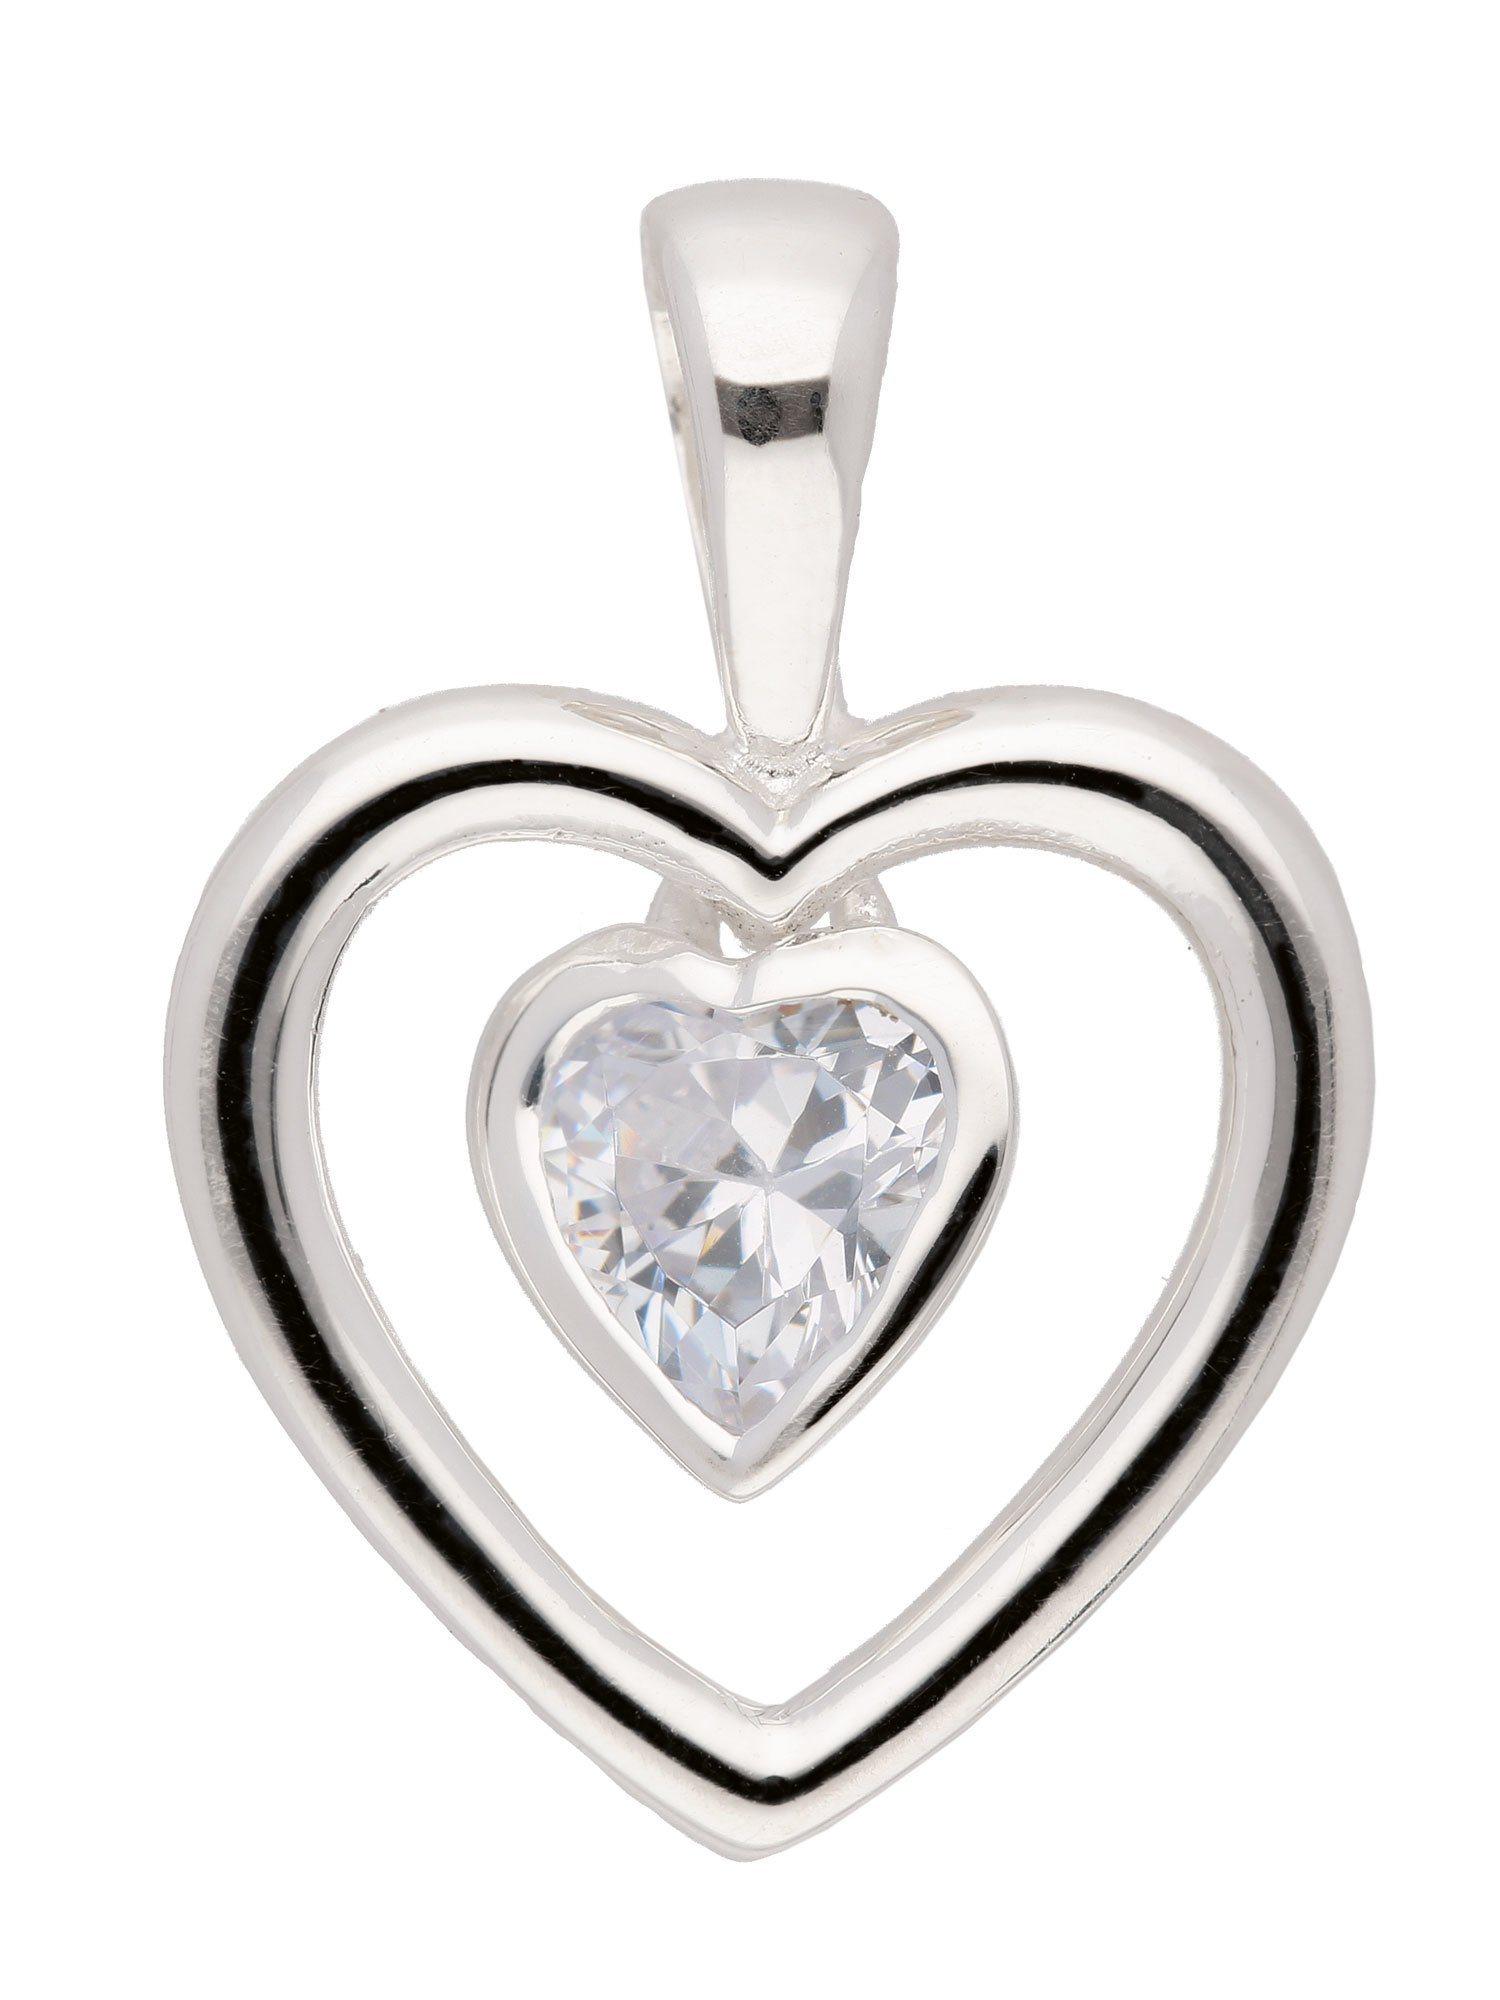 Adelia´s Kettenanhänger »Silber Anhänger« Herz 925 Sterling Silber mit Zirkonia | Schmuck > Halsketten > Ketten ohne Anhänger | Adelia´s